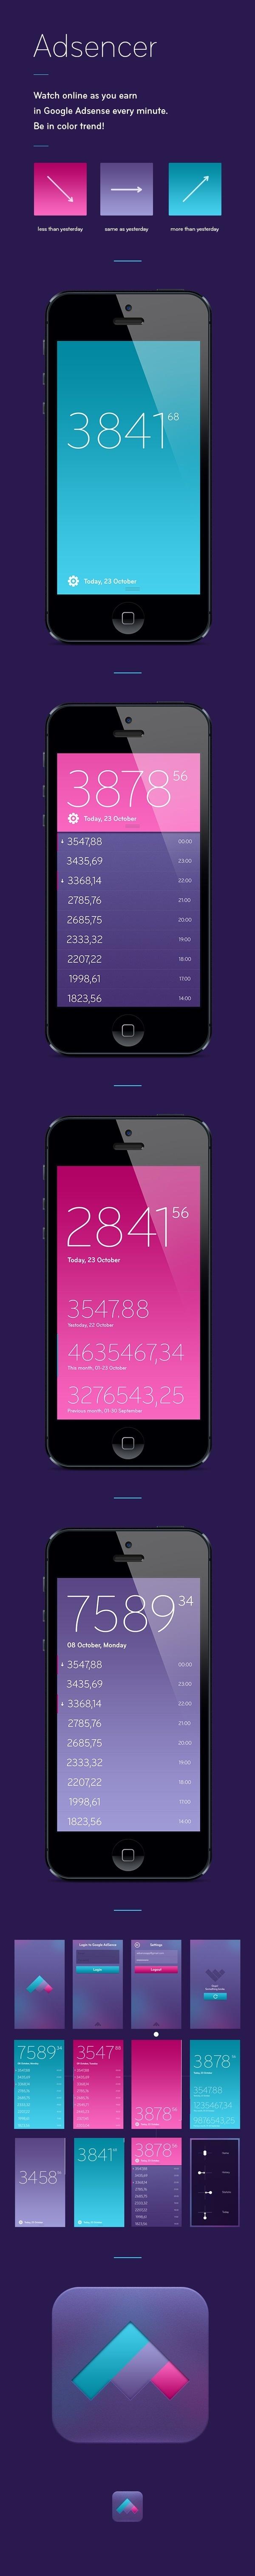 Adsenser #iphone #ux #ui